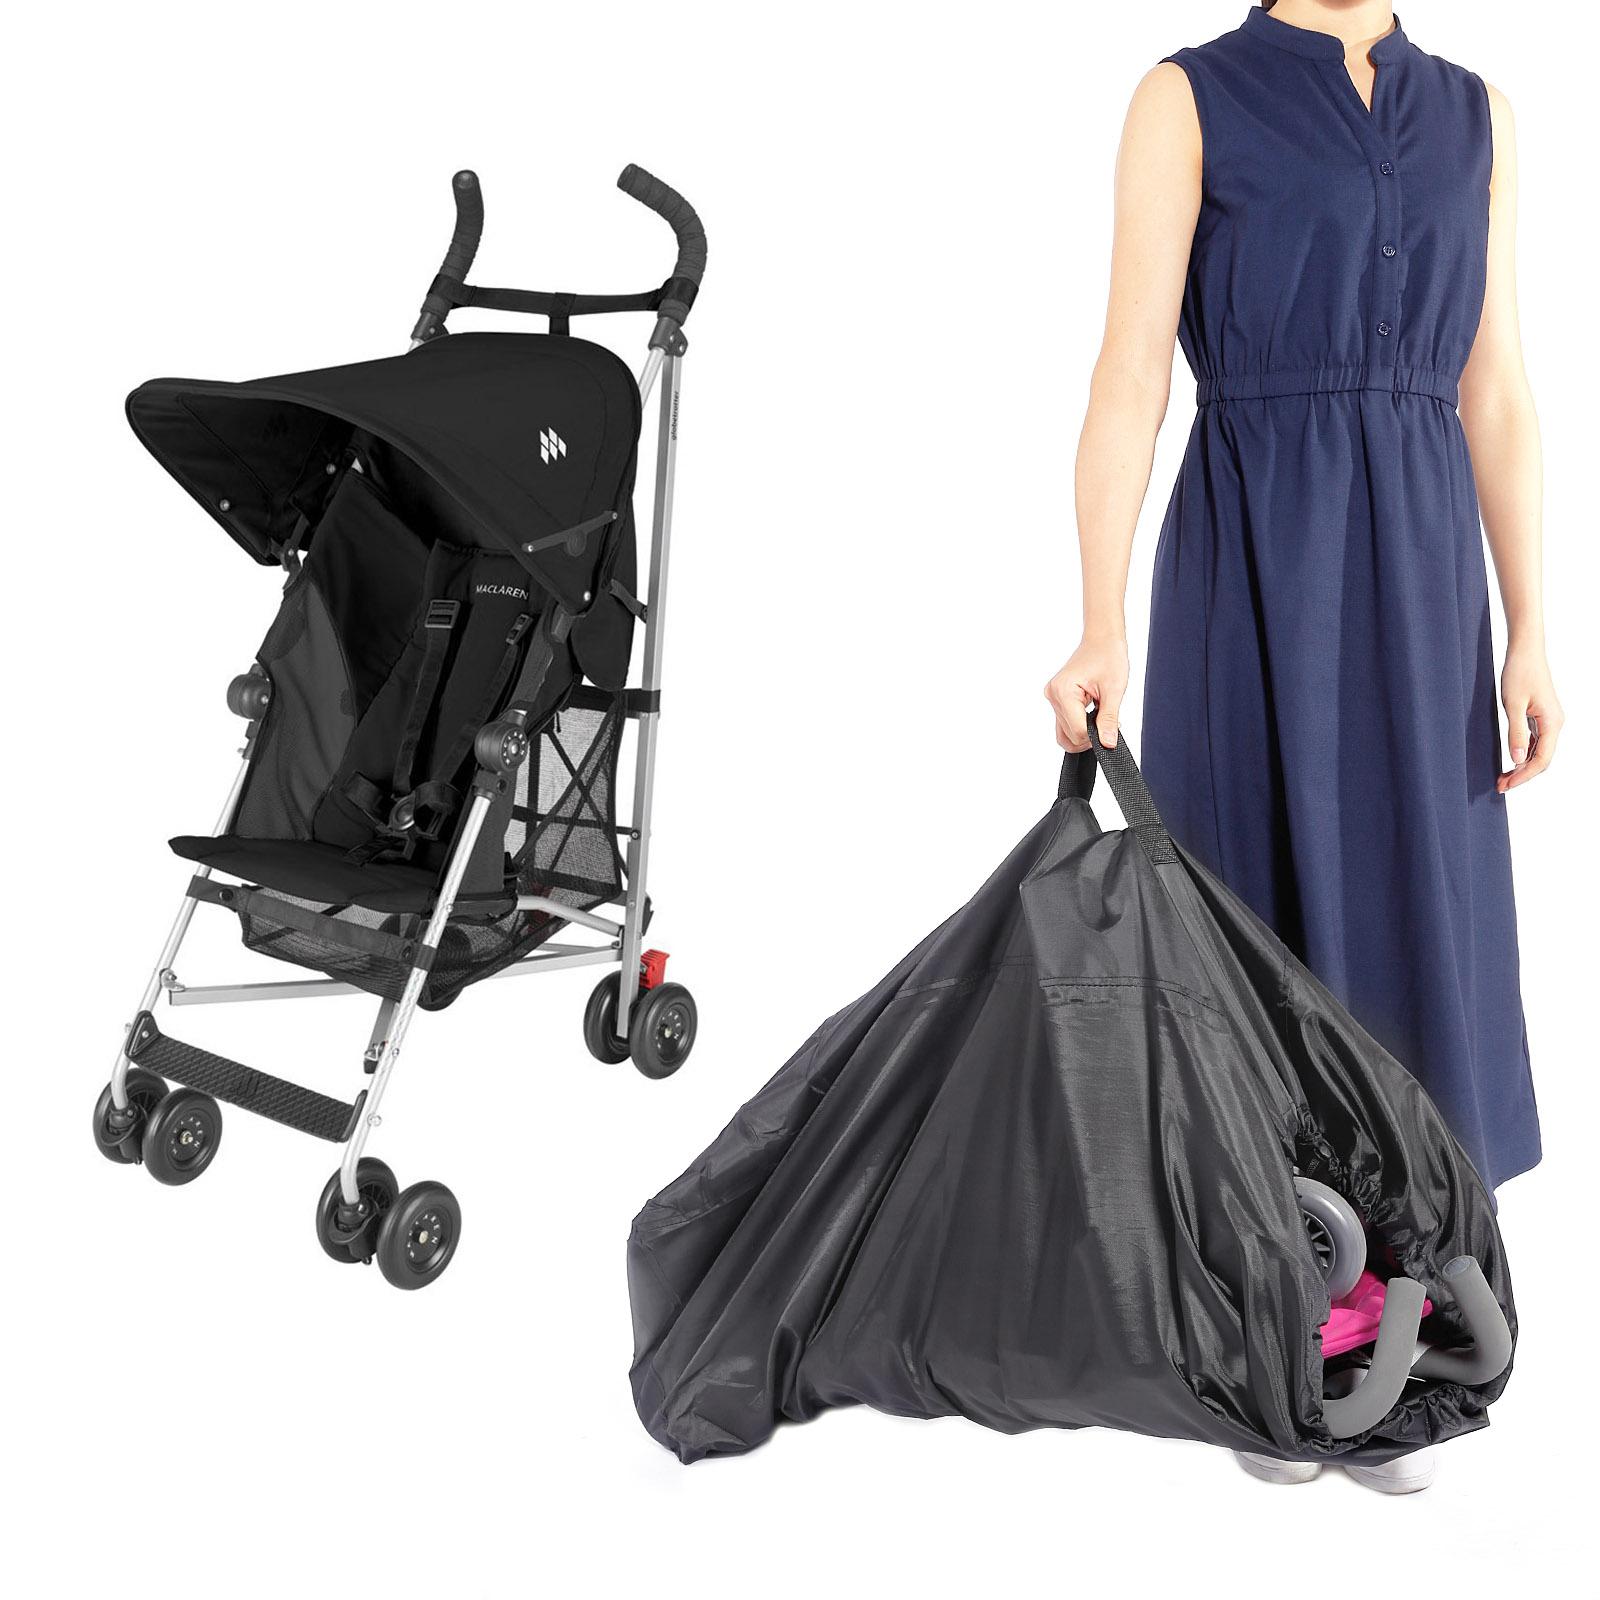 Portable Gate Check Baby Umbrella Buggy Pushchair Stroller